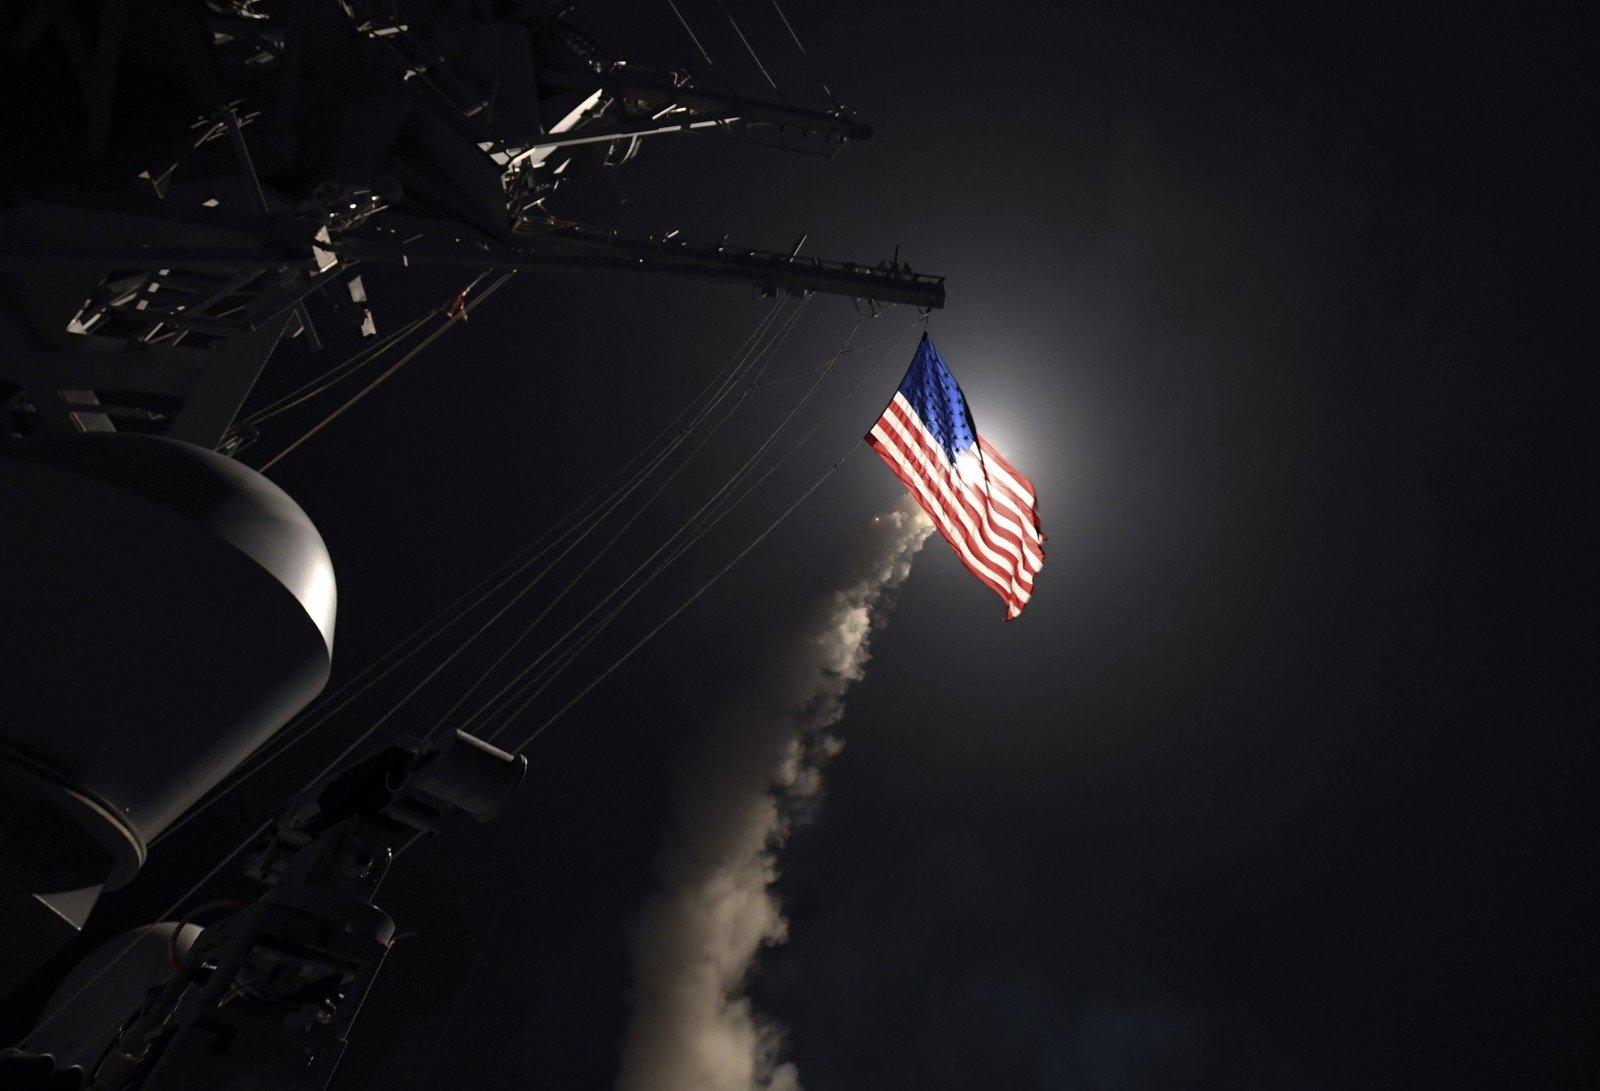 صورة الضربة الأمريكية التالية ستكون في سوريا